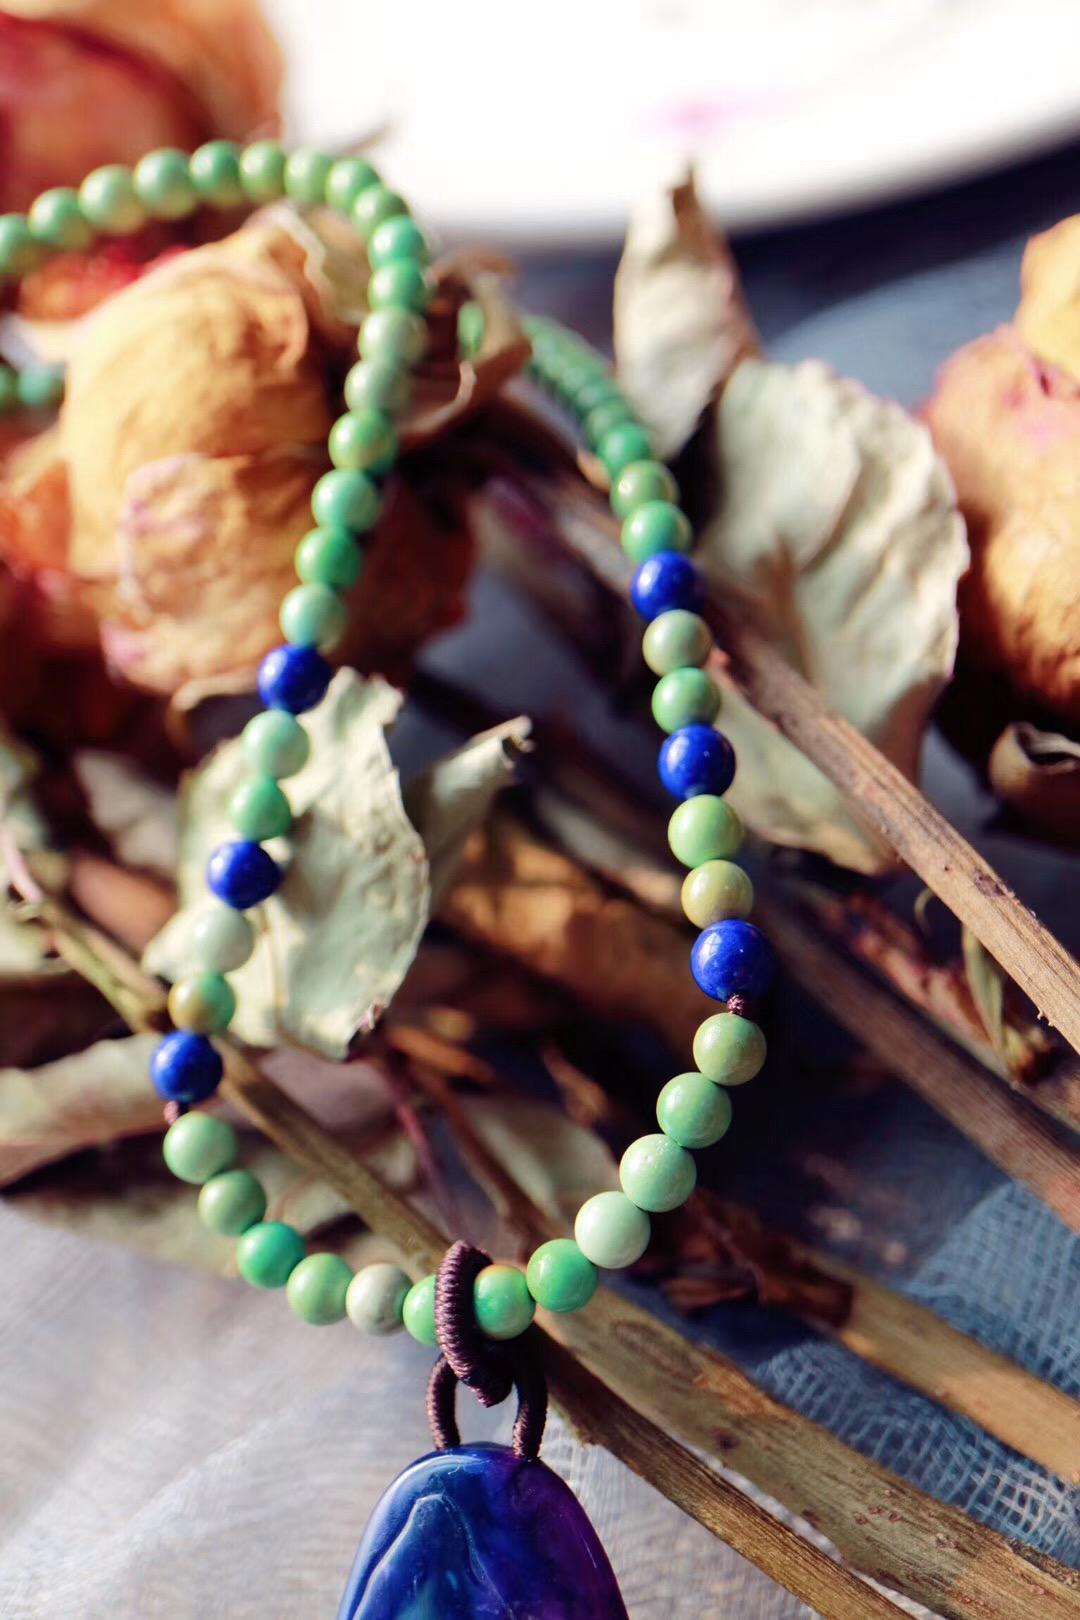 【舒俱来】名贵皇家紫和星际蓝色,喜上眉梢且是双喜临门-菩心晶舍